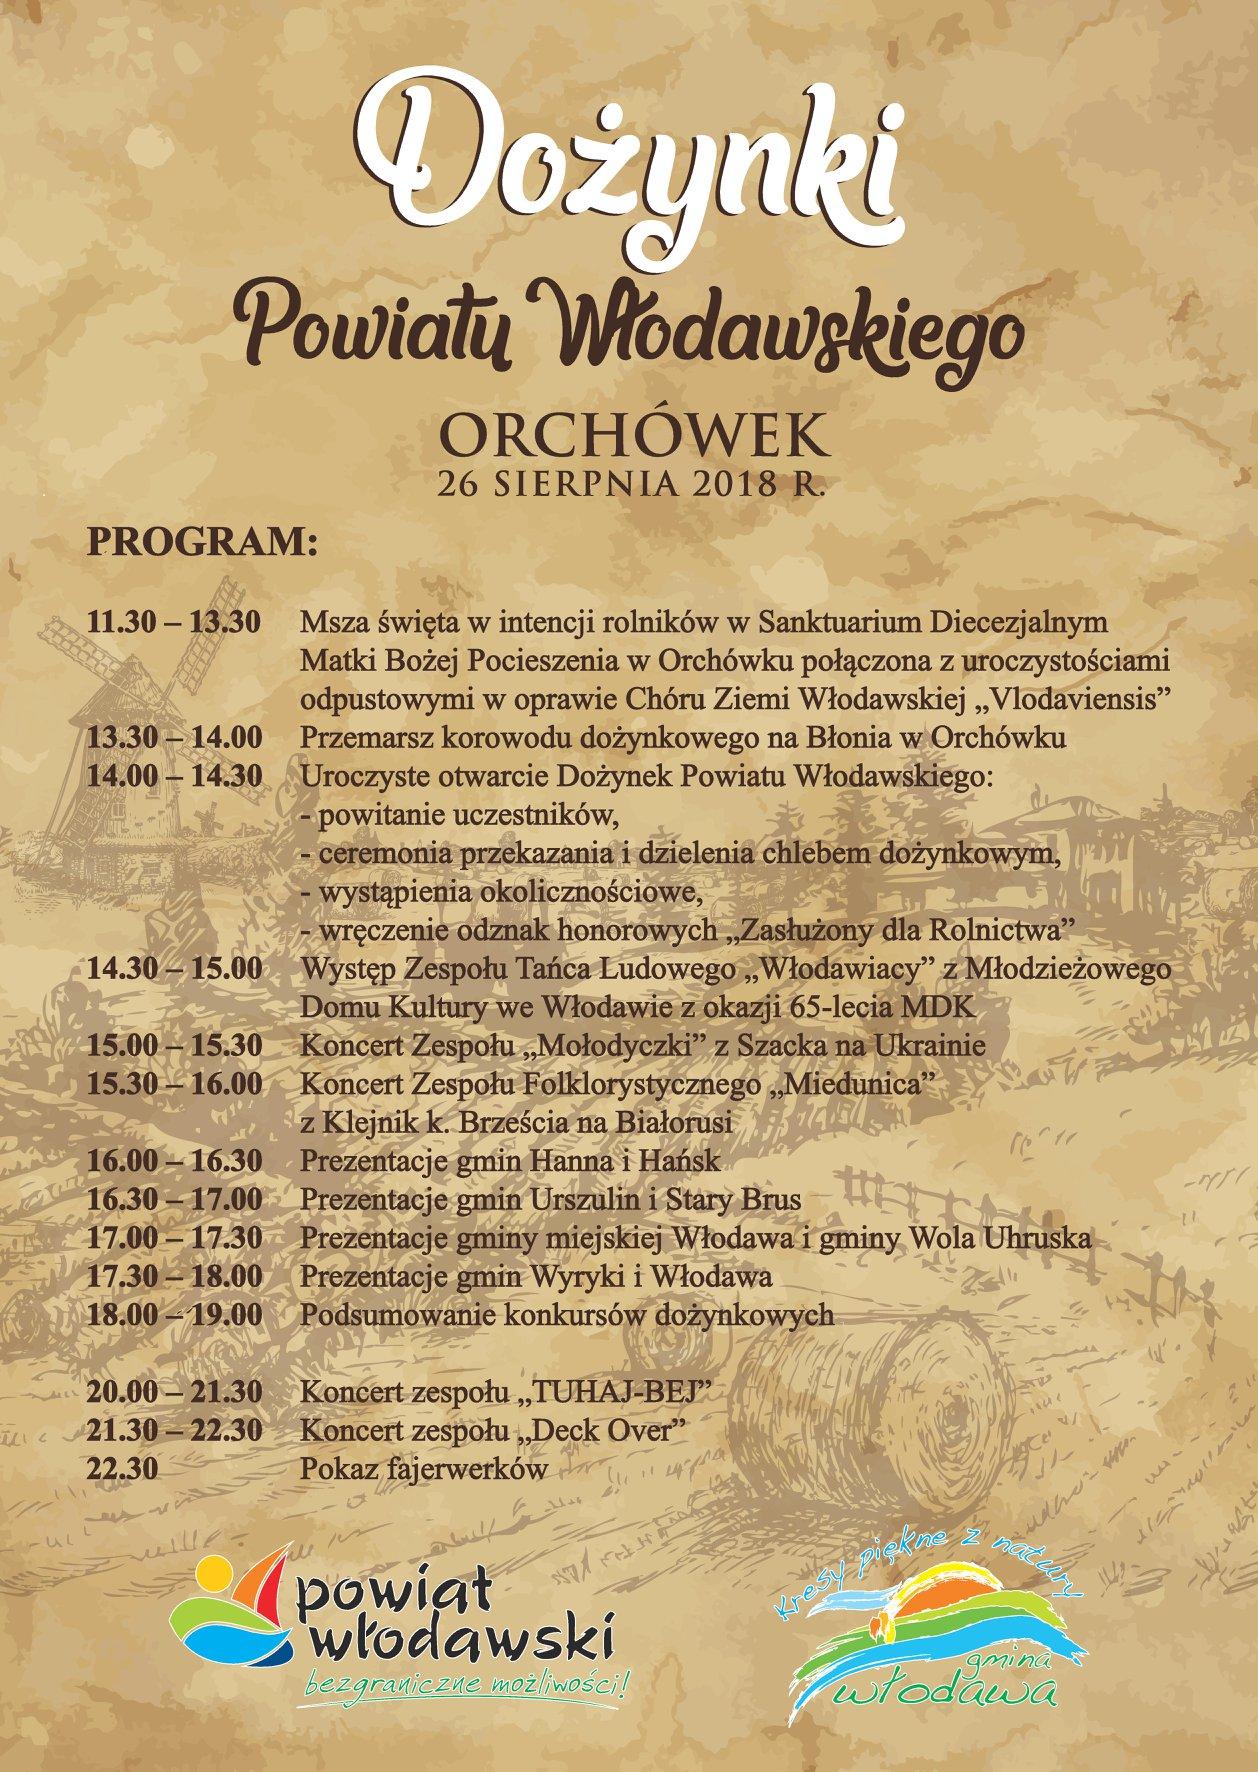 Dożynki Powiatu Włodawskiego 2018